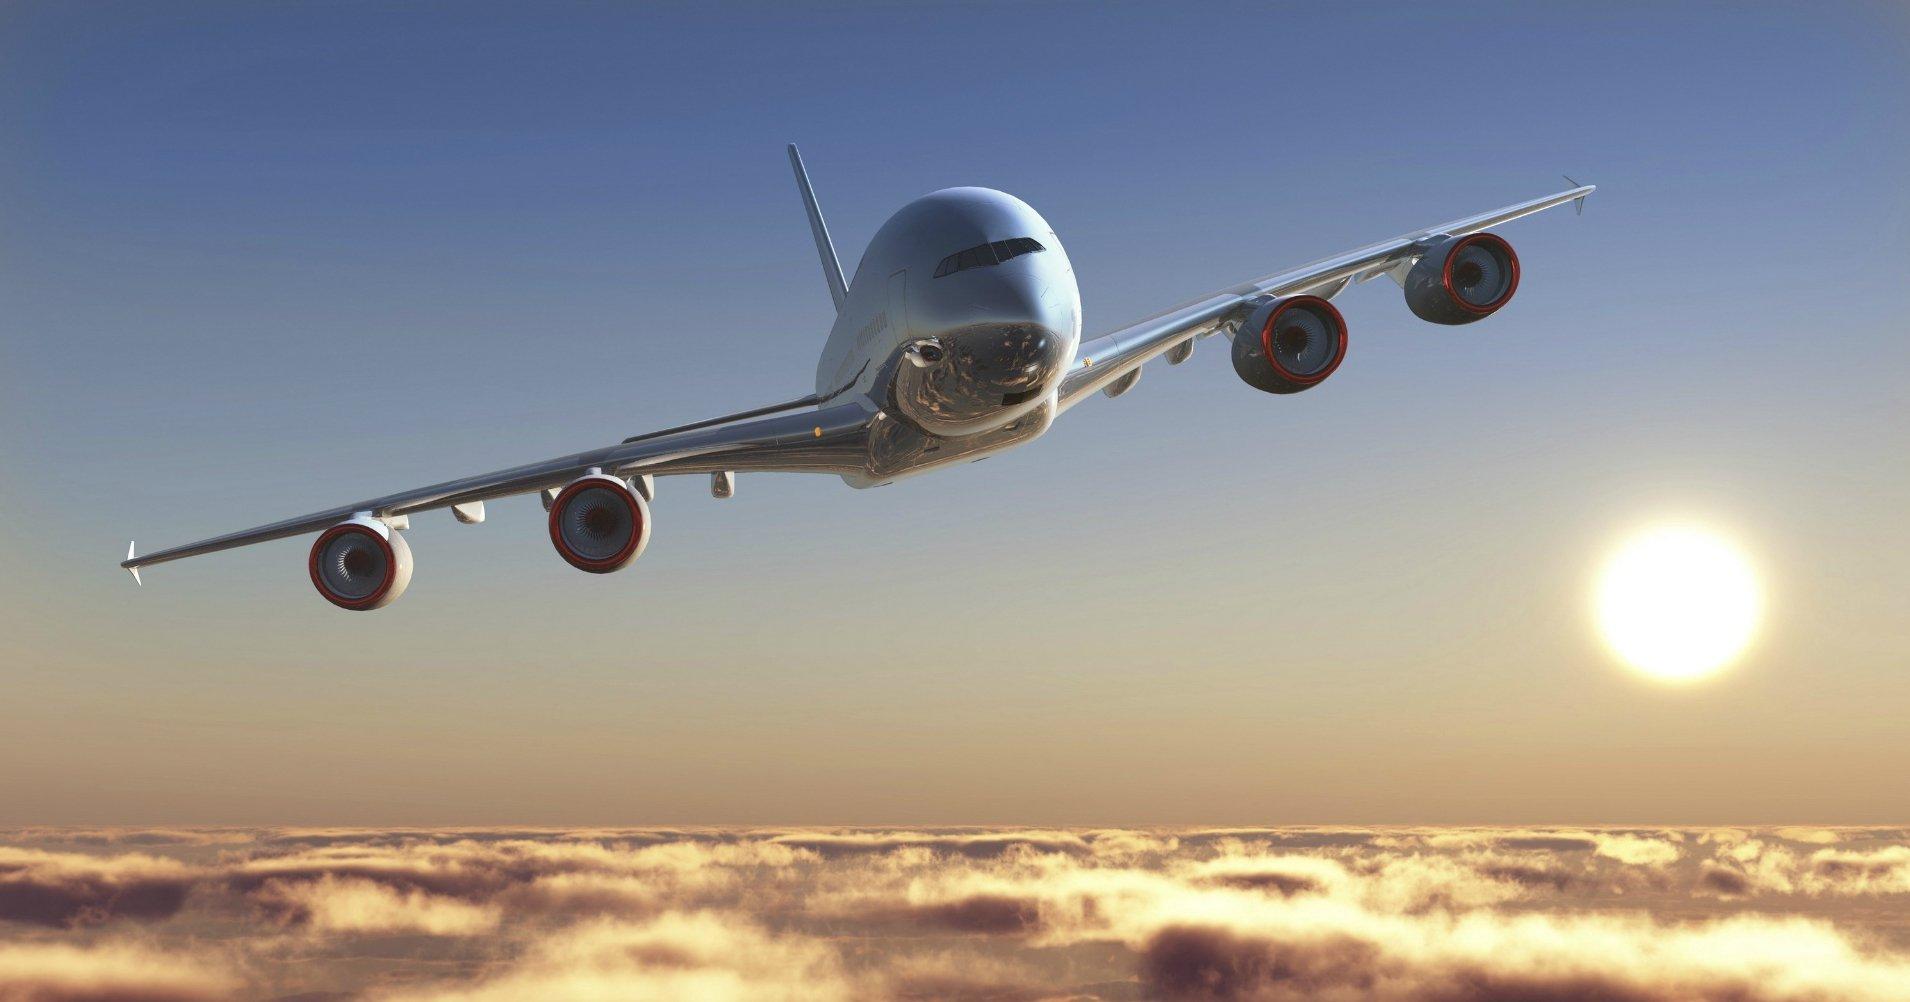 aviao sobre as nuvens viagem de aviao 1405107225198 1920x1280 - Dez destinos turístico onde o Real vale mais